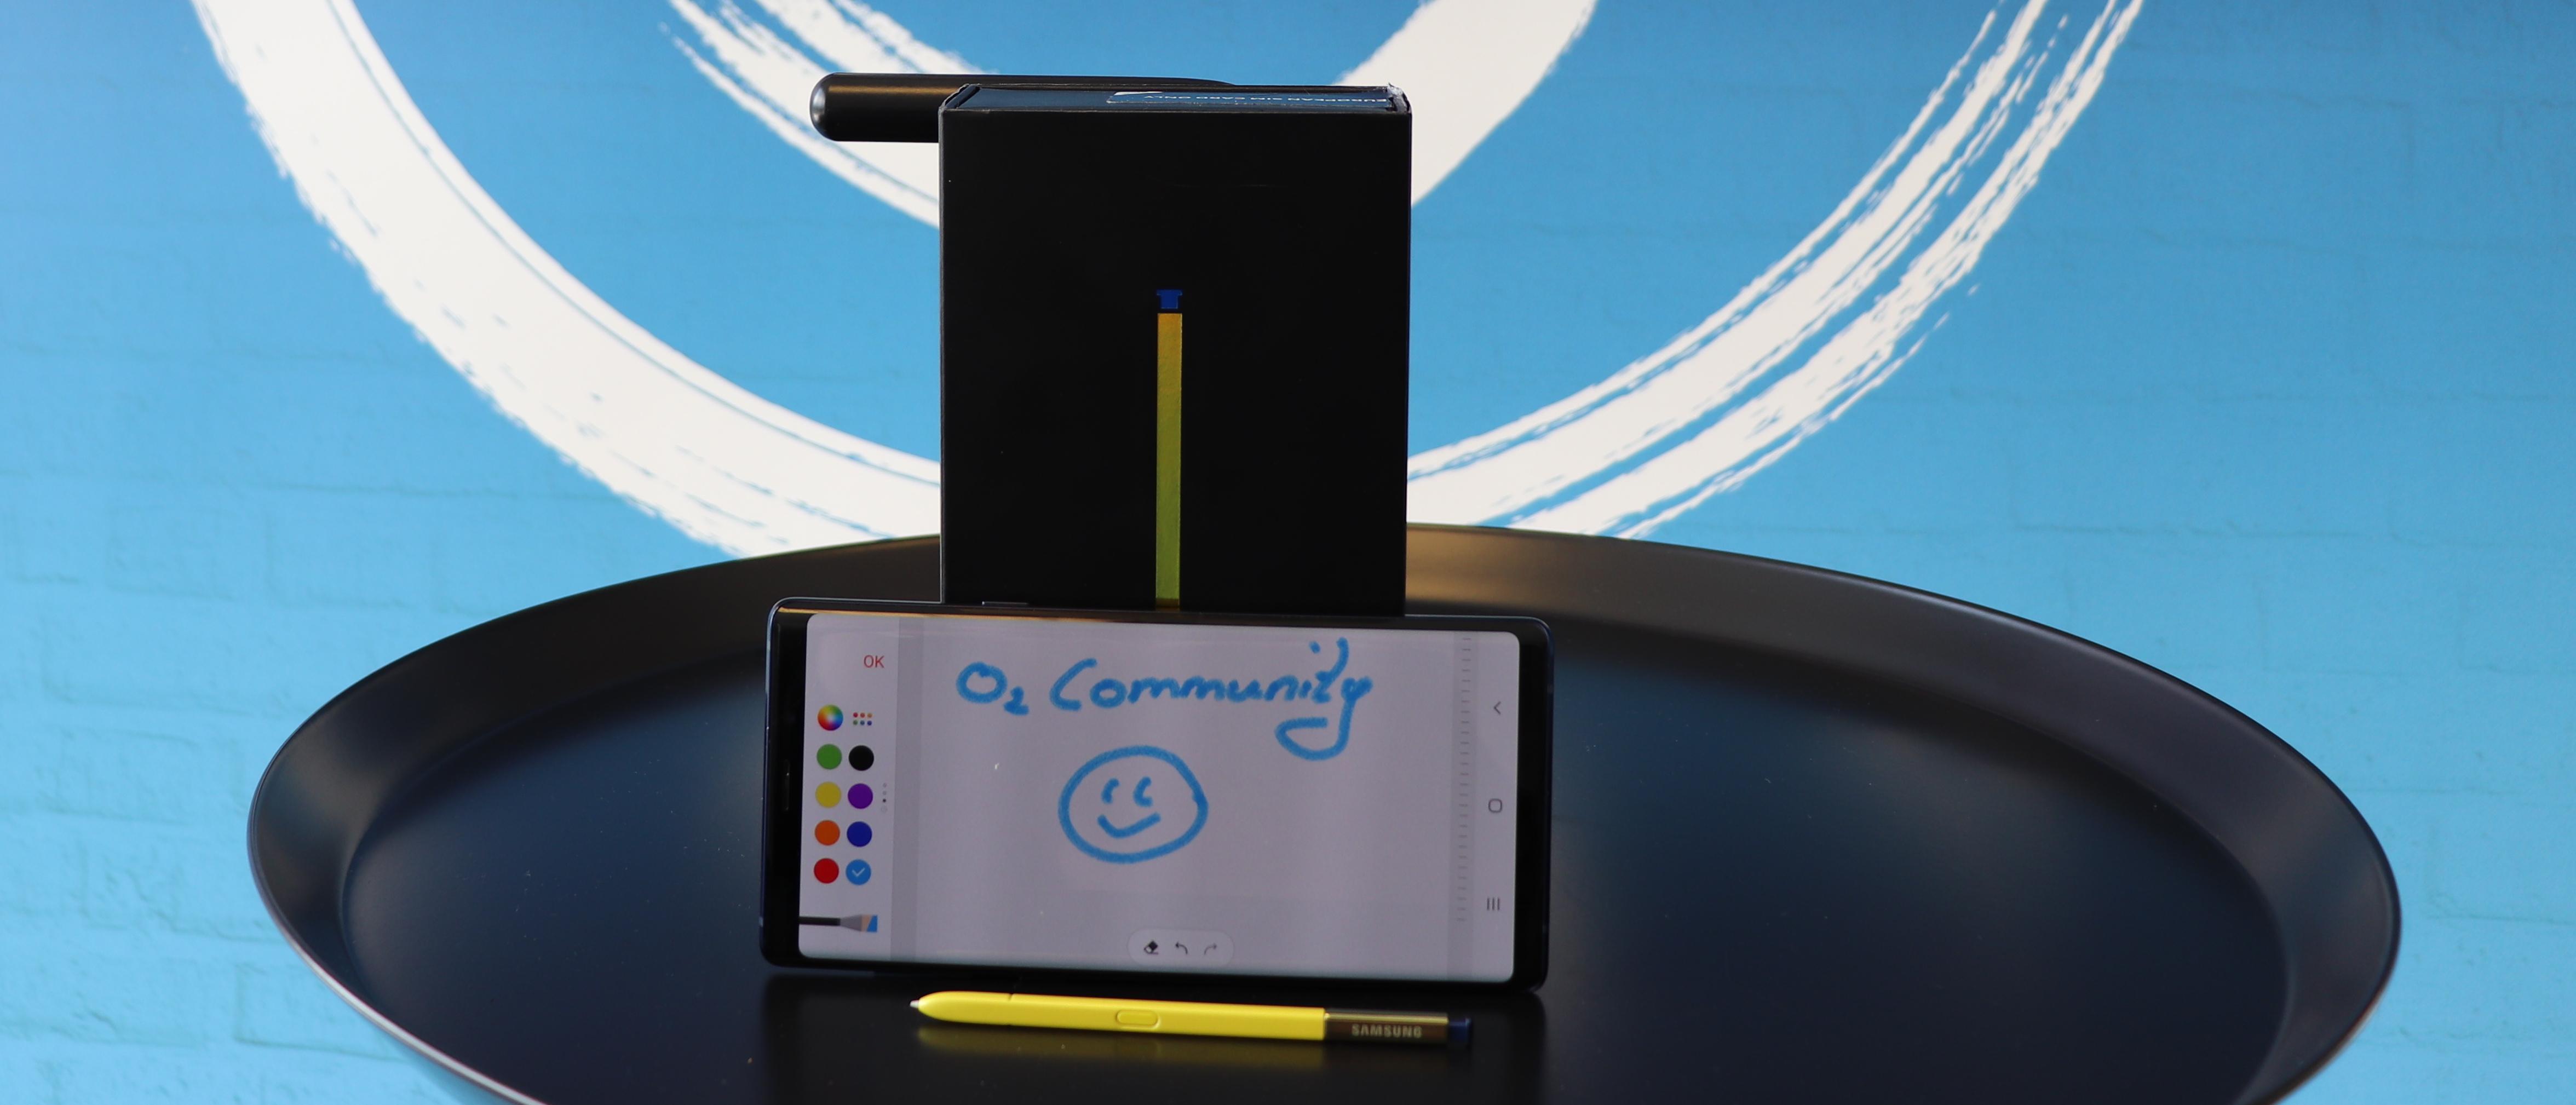 Samsung Galaxy Note 9 - Werde zum Smartphone-Tester of the Galaxy! Bewirb dich jetzt!